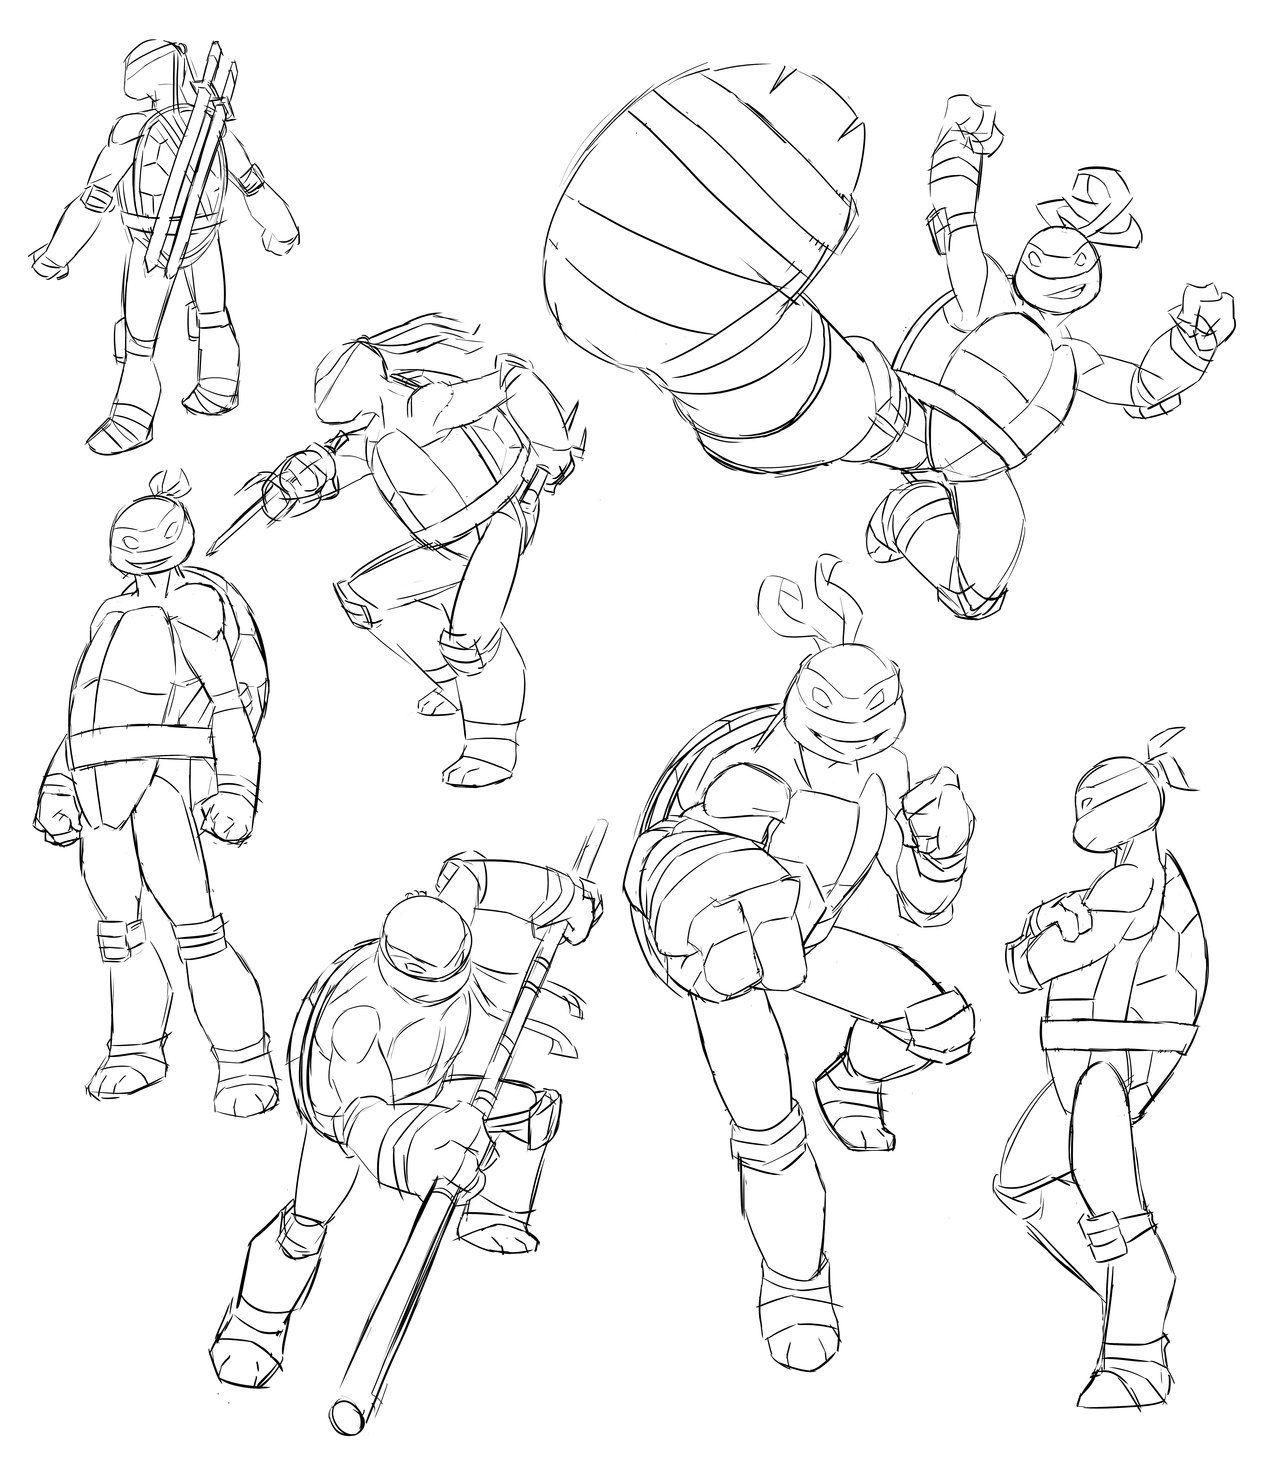 Nickelodeon Tmnt Sketches By Zachramirez Tmnt Artwork Tmnt Sketches